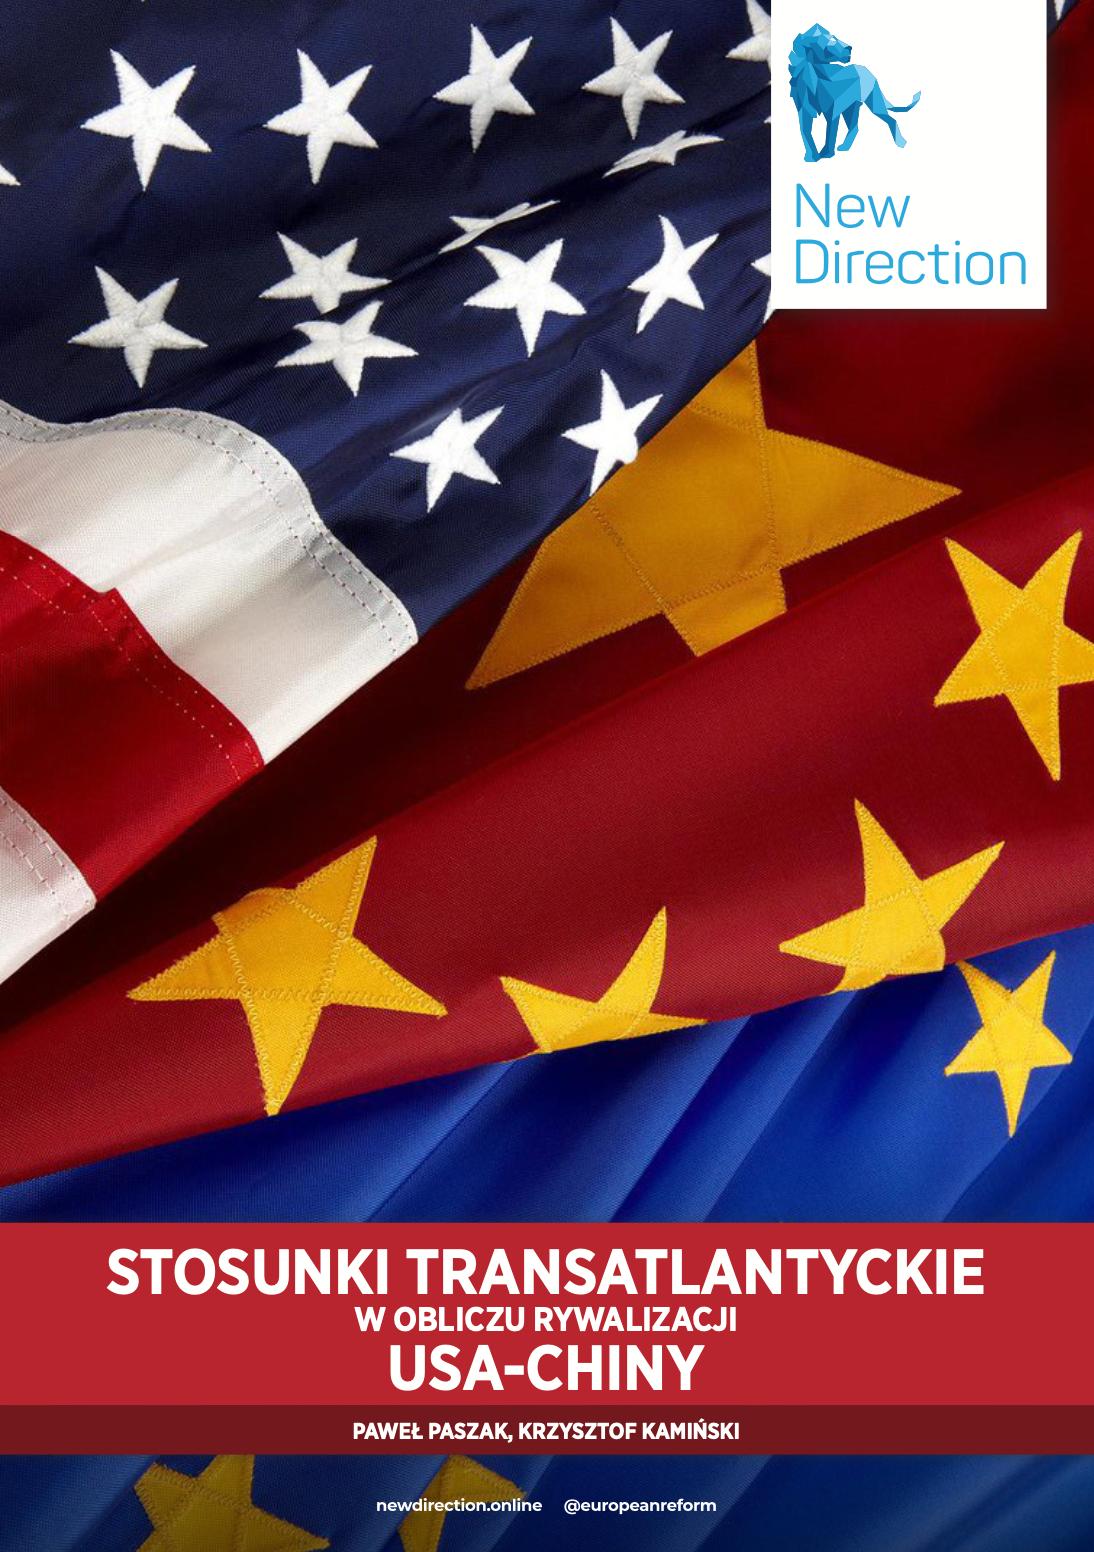 STOSUNKI TRANSATLANTYCKIE W OBLICZU RYWALIZACJI USA-CHINY